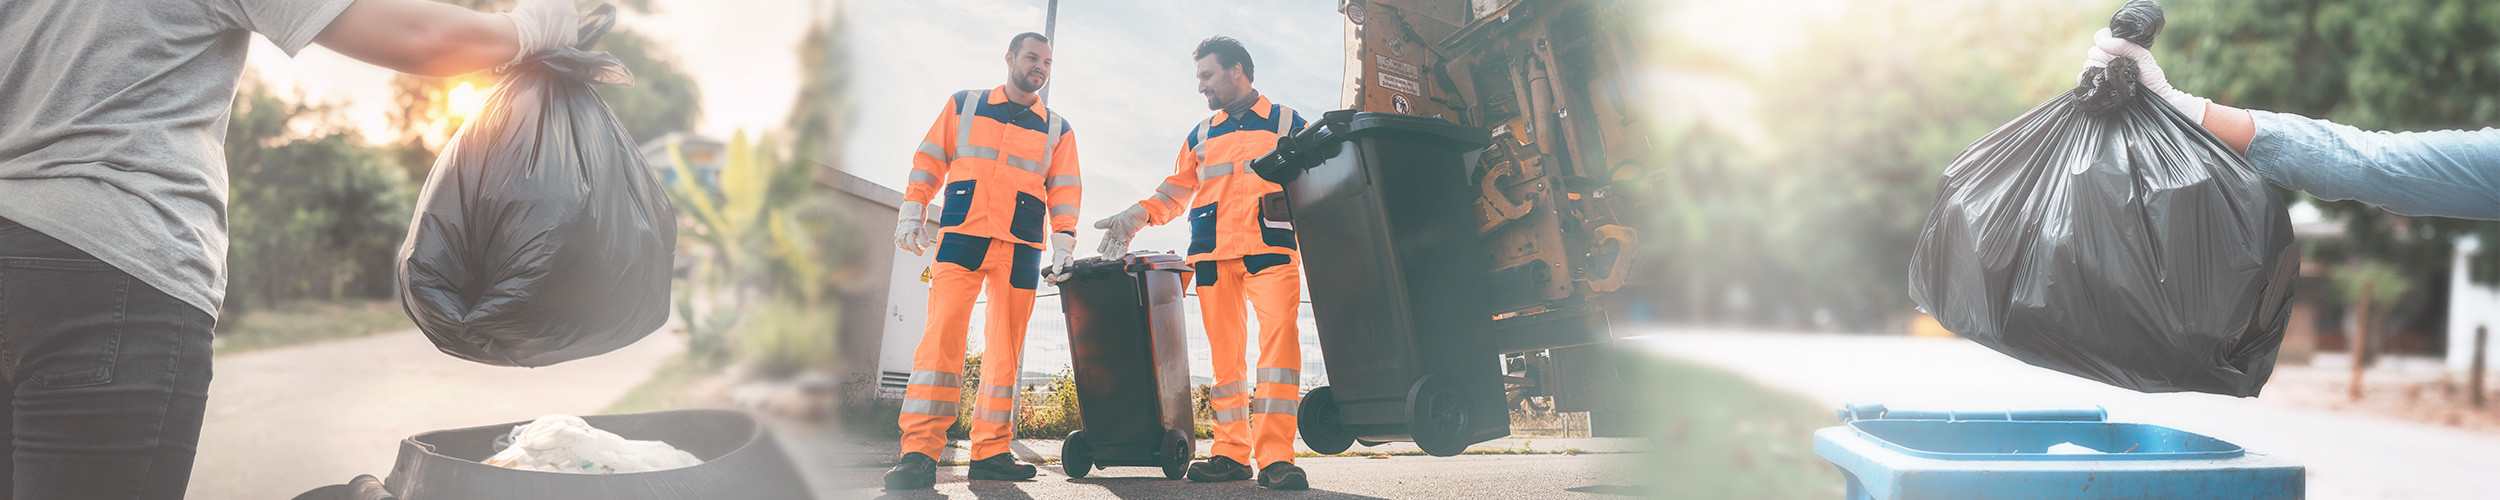 EMEIS : Gestion des déchets